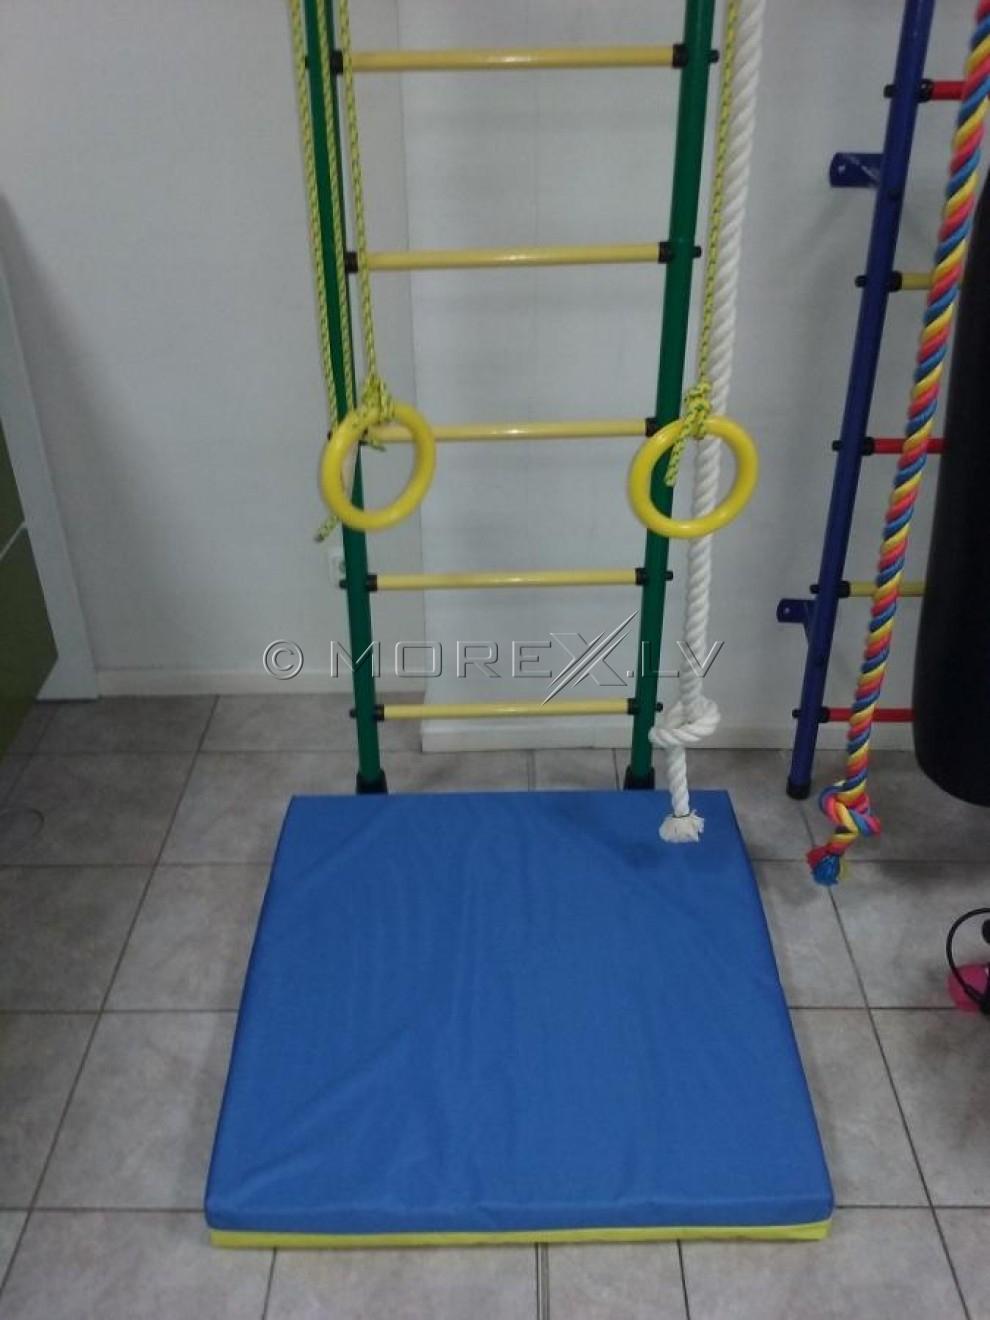 Safety mat 80x80cm blue-yellow